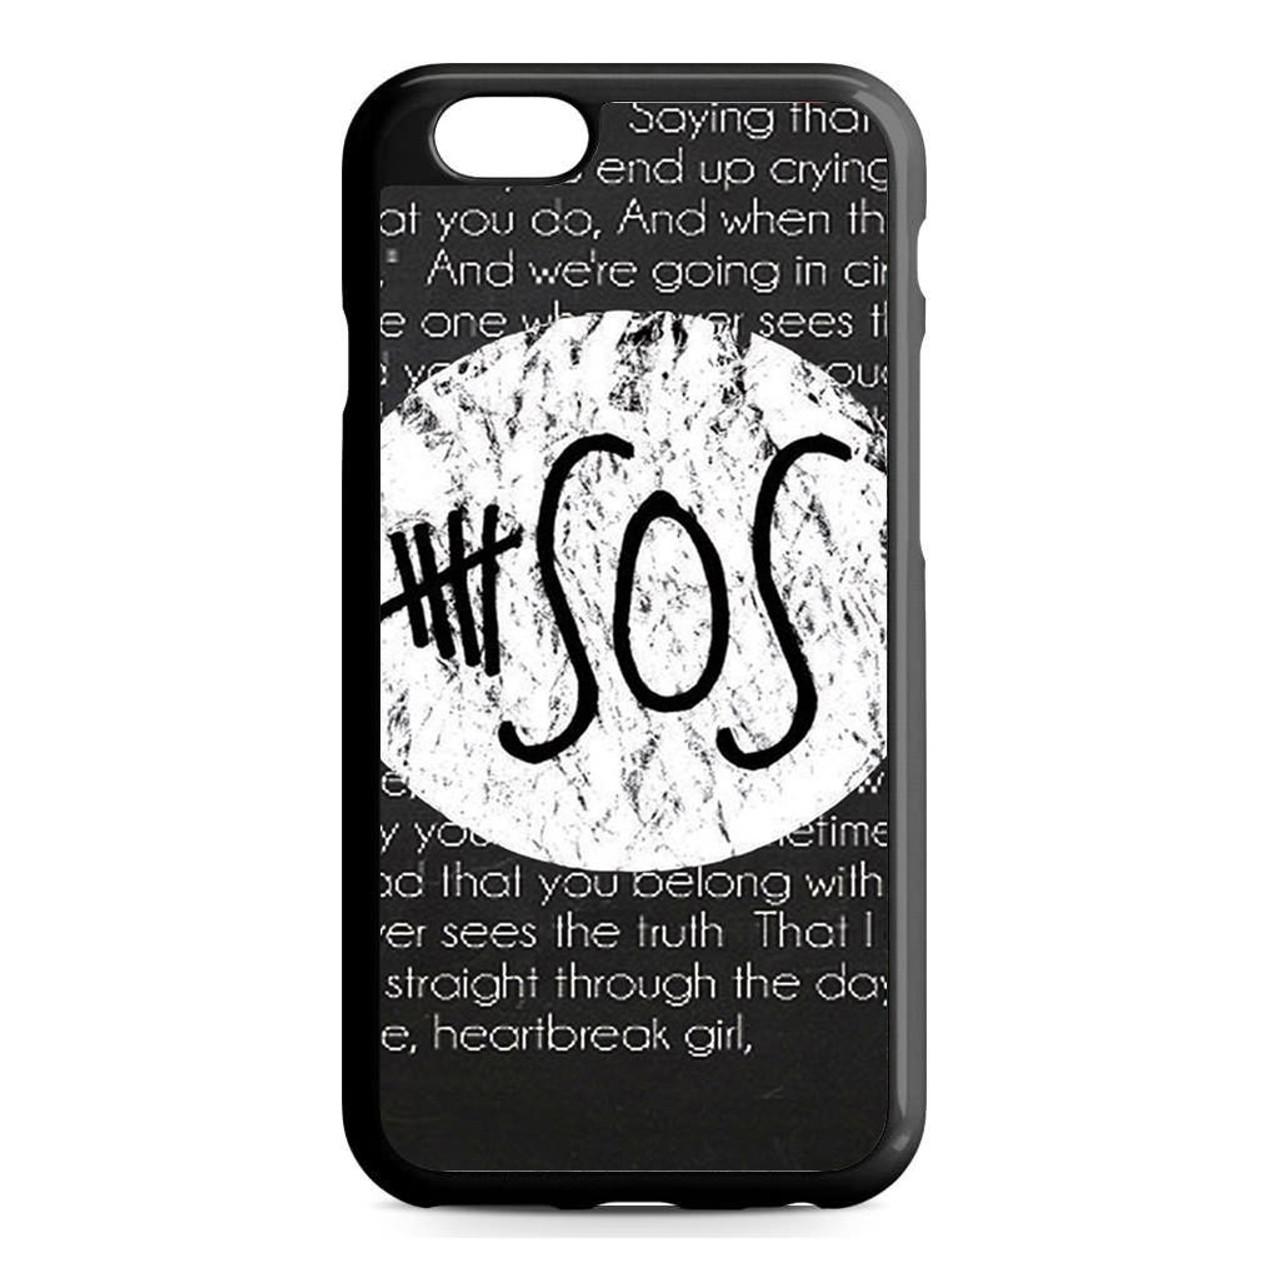 iphone 6s 5sos case